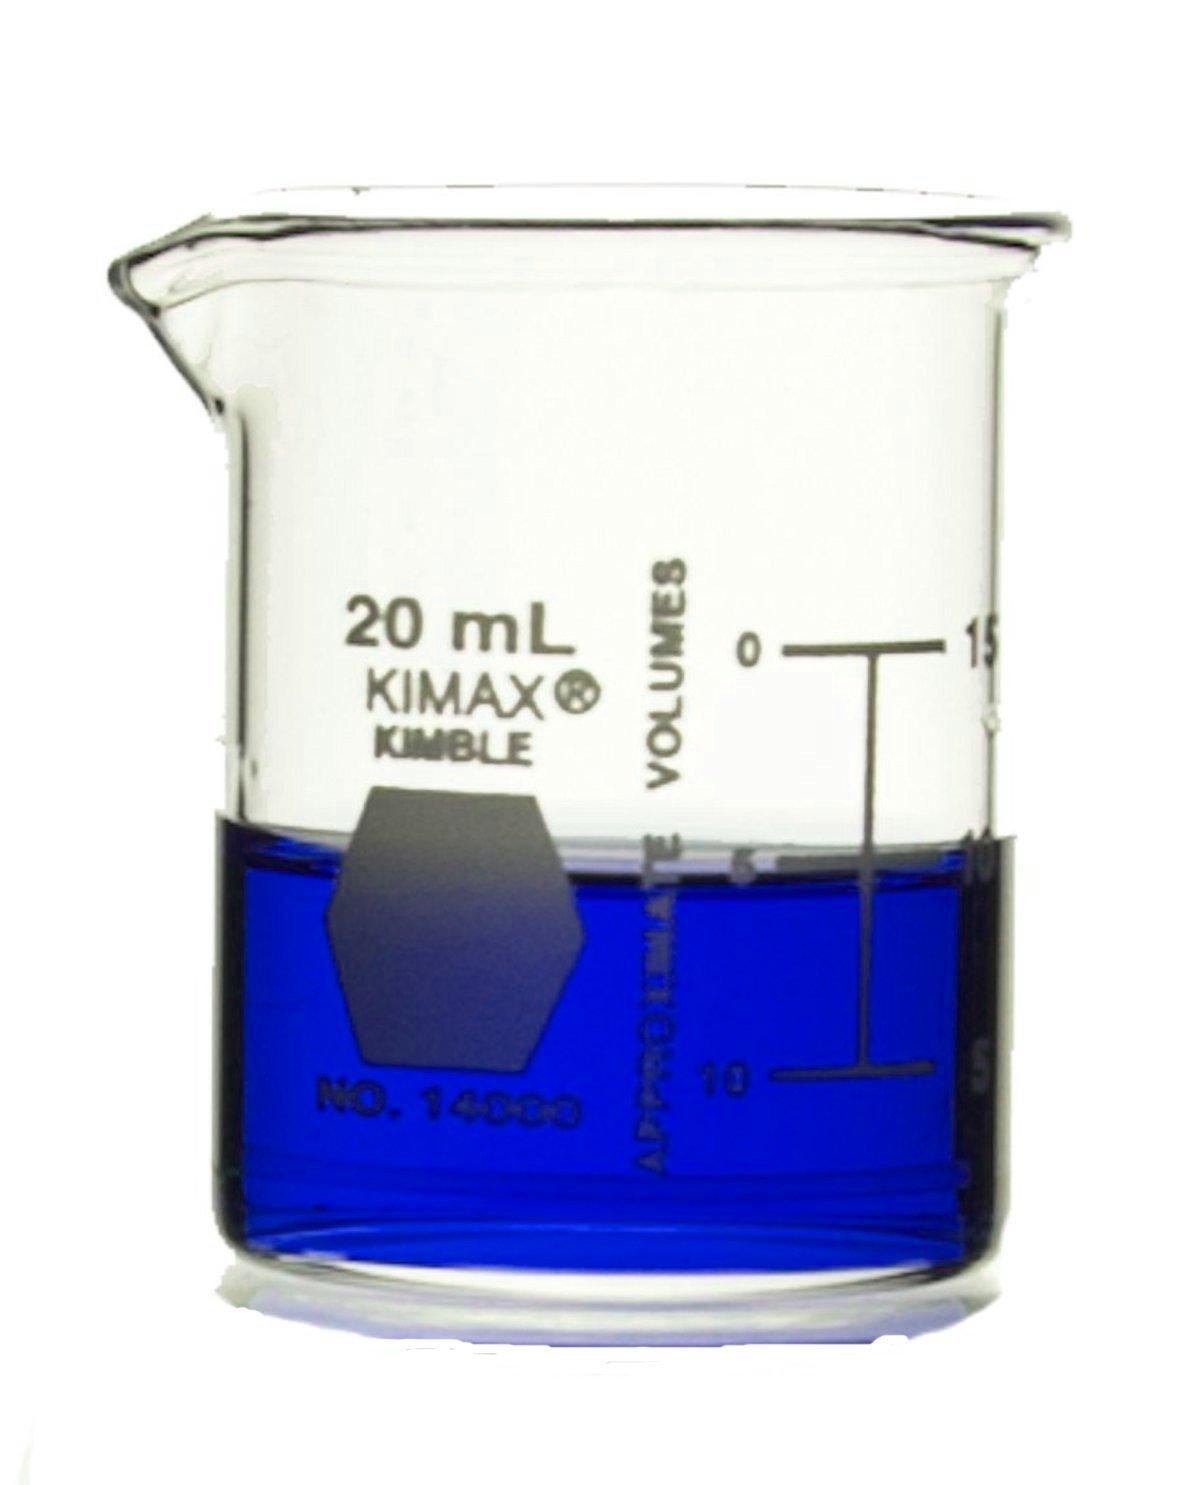 Kimax Beaker Legacy Shelf Pack of 24 15 mL Borosilicate